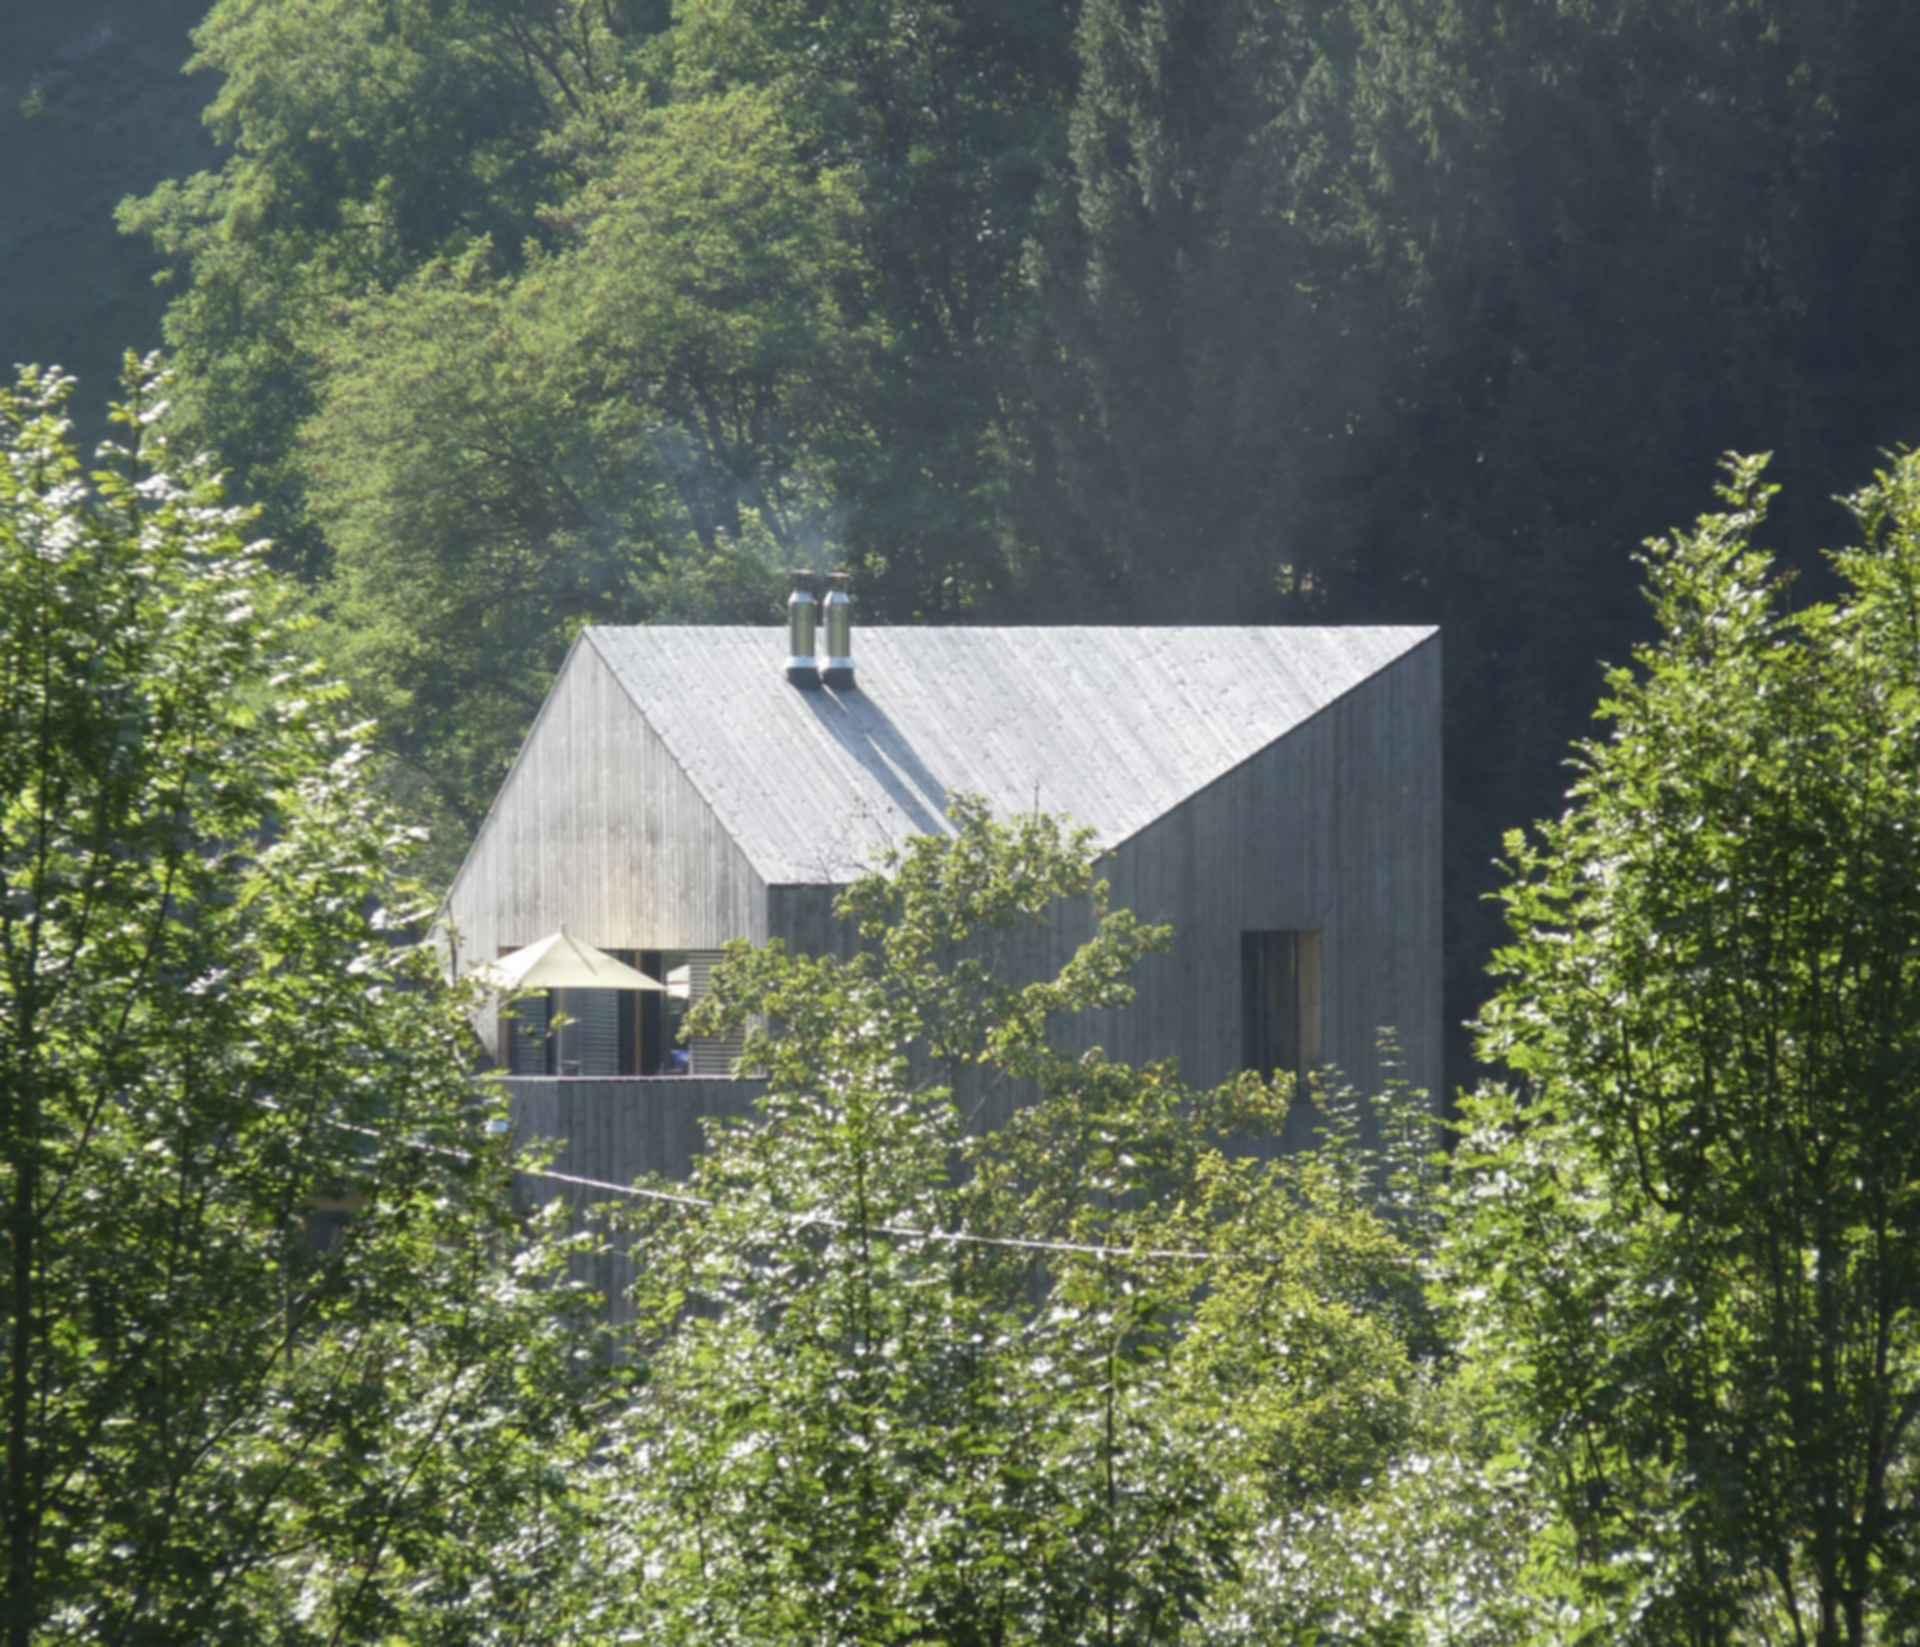 Stoaninger Muhlviertel Distillery - exterior roof